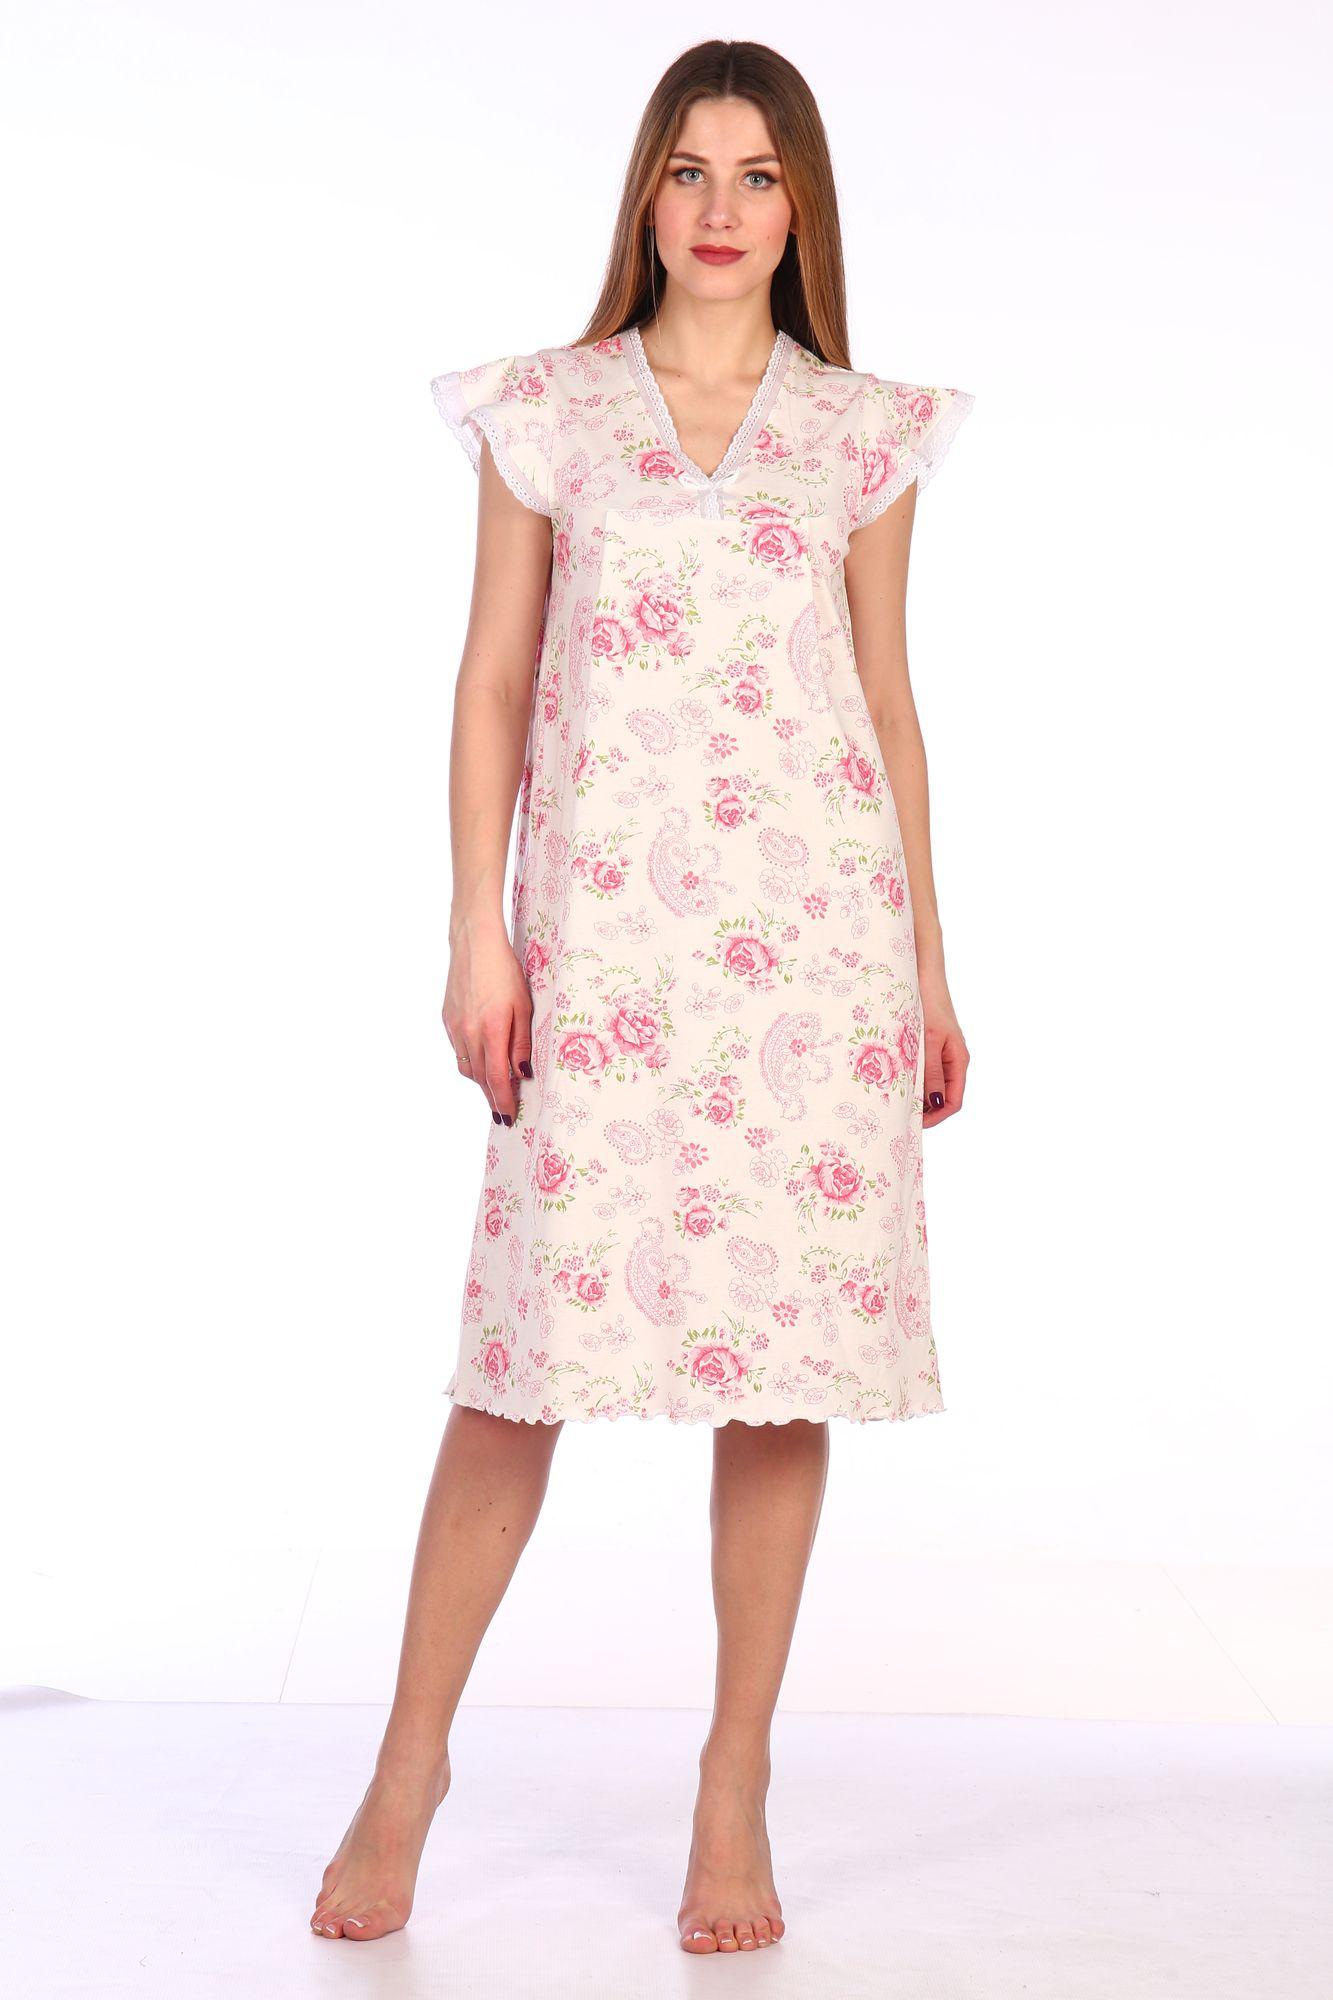 Сорочка ночная женская,мод. 427, трикотаж (Восторг)